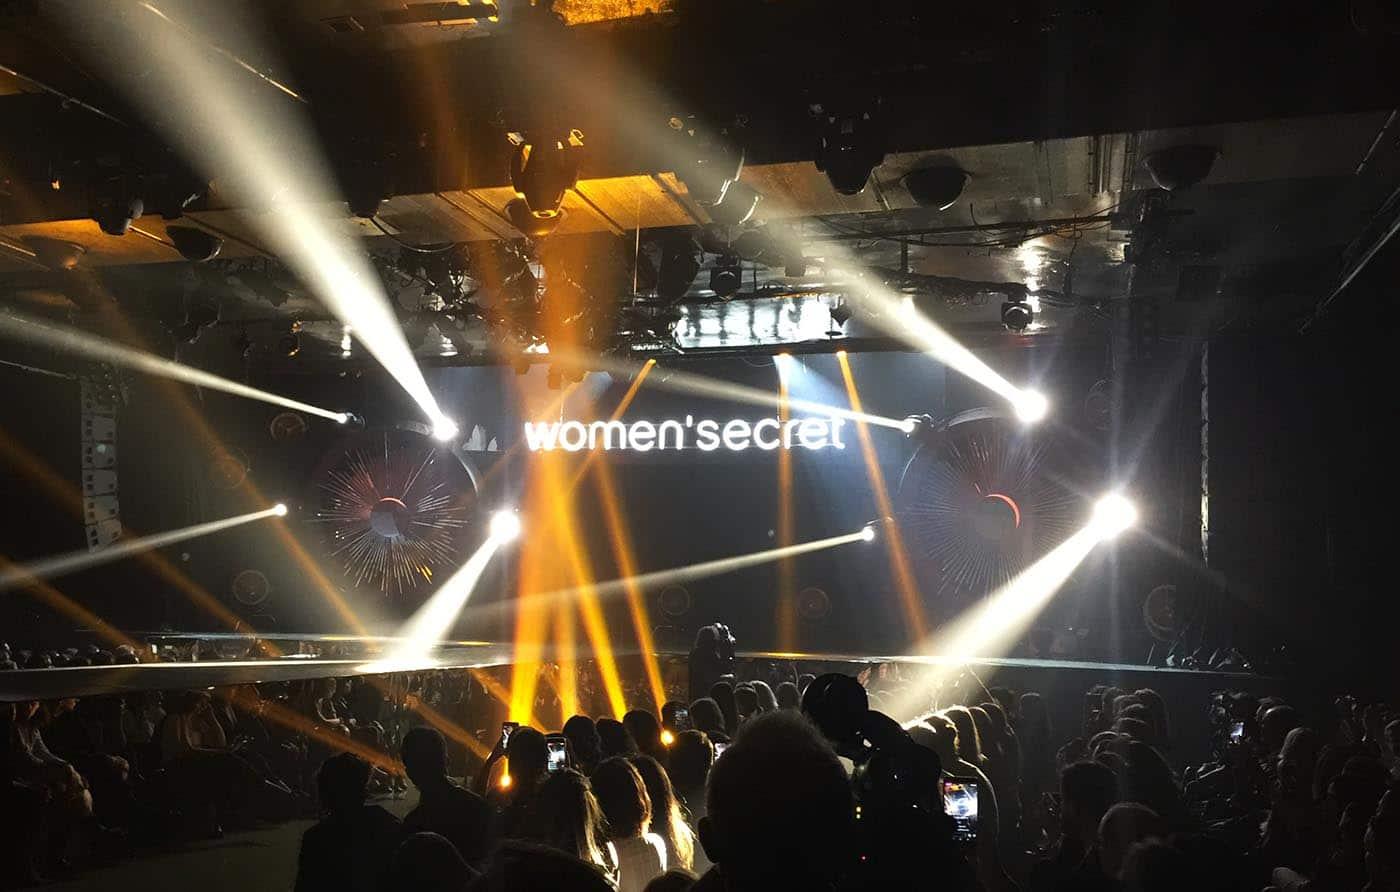 instore-clientes-womensecret-produccion-instalacion-elementos-de-un-evento